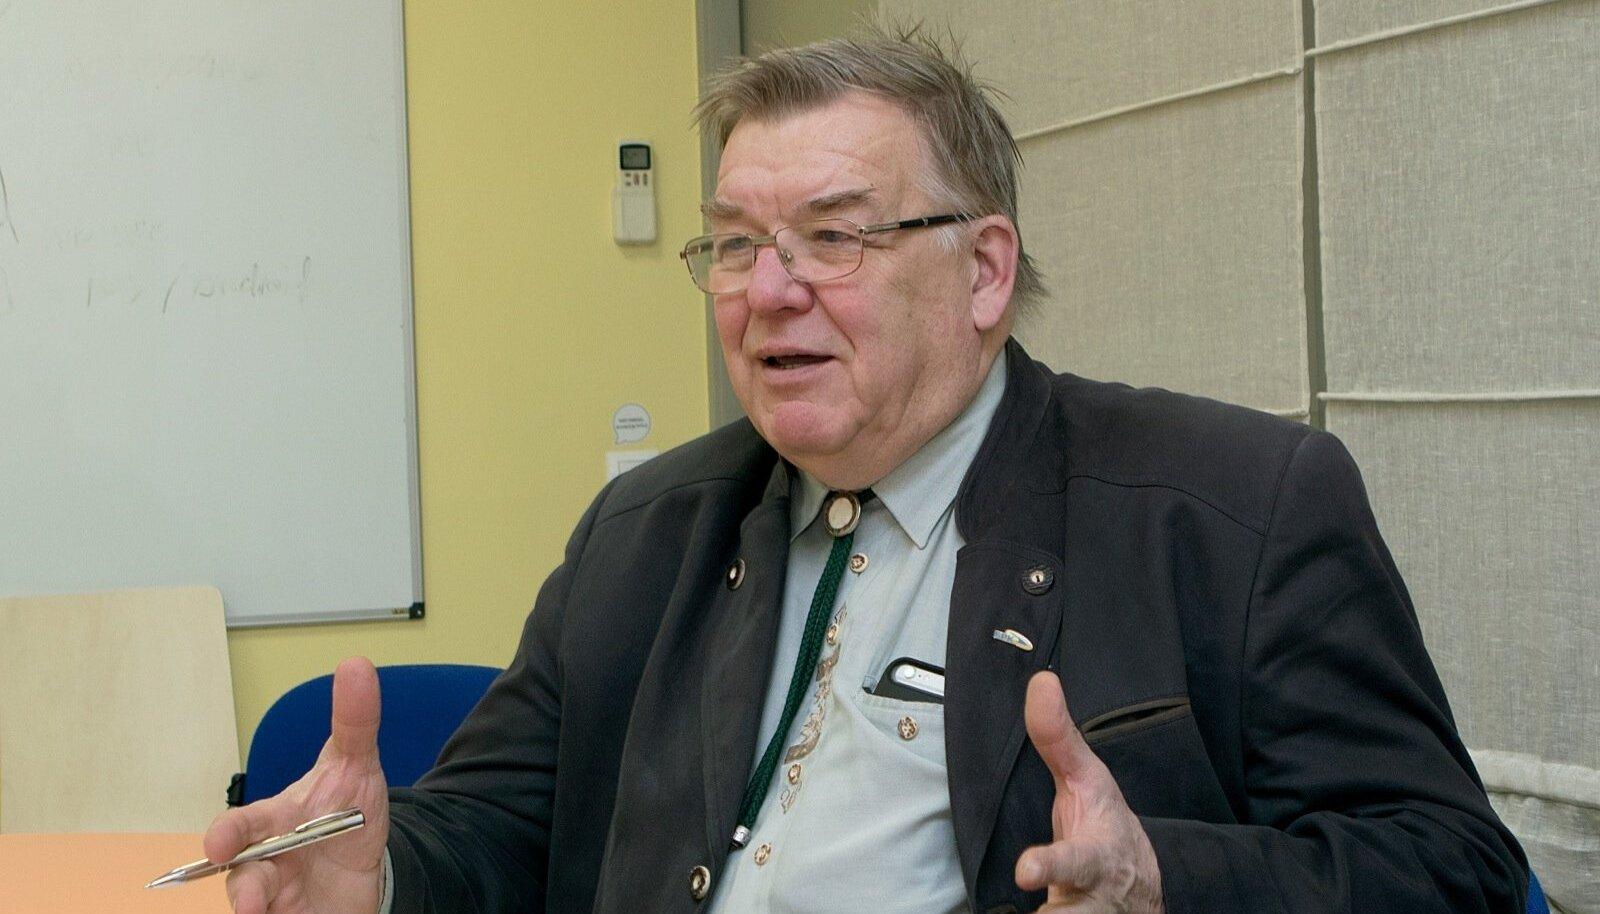 Juhan Särgava